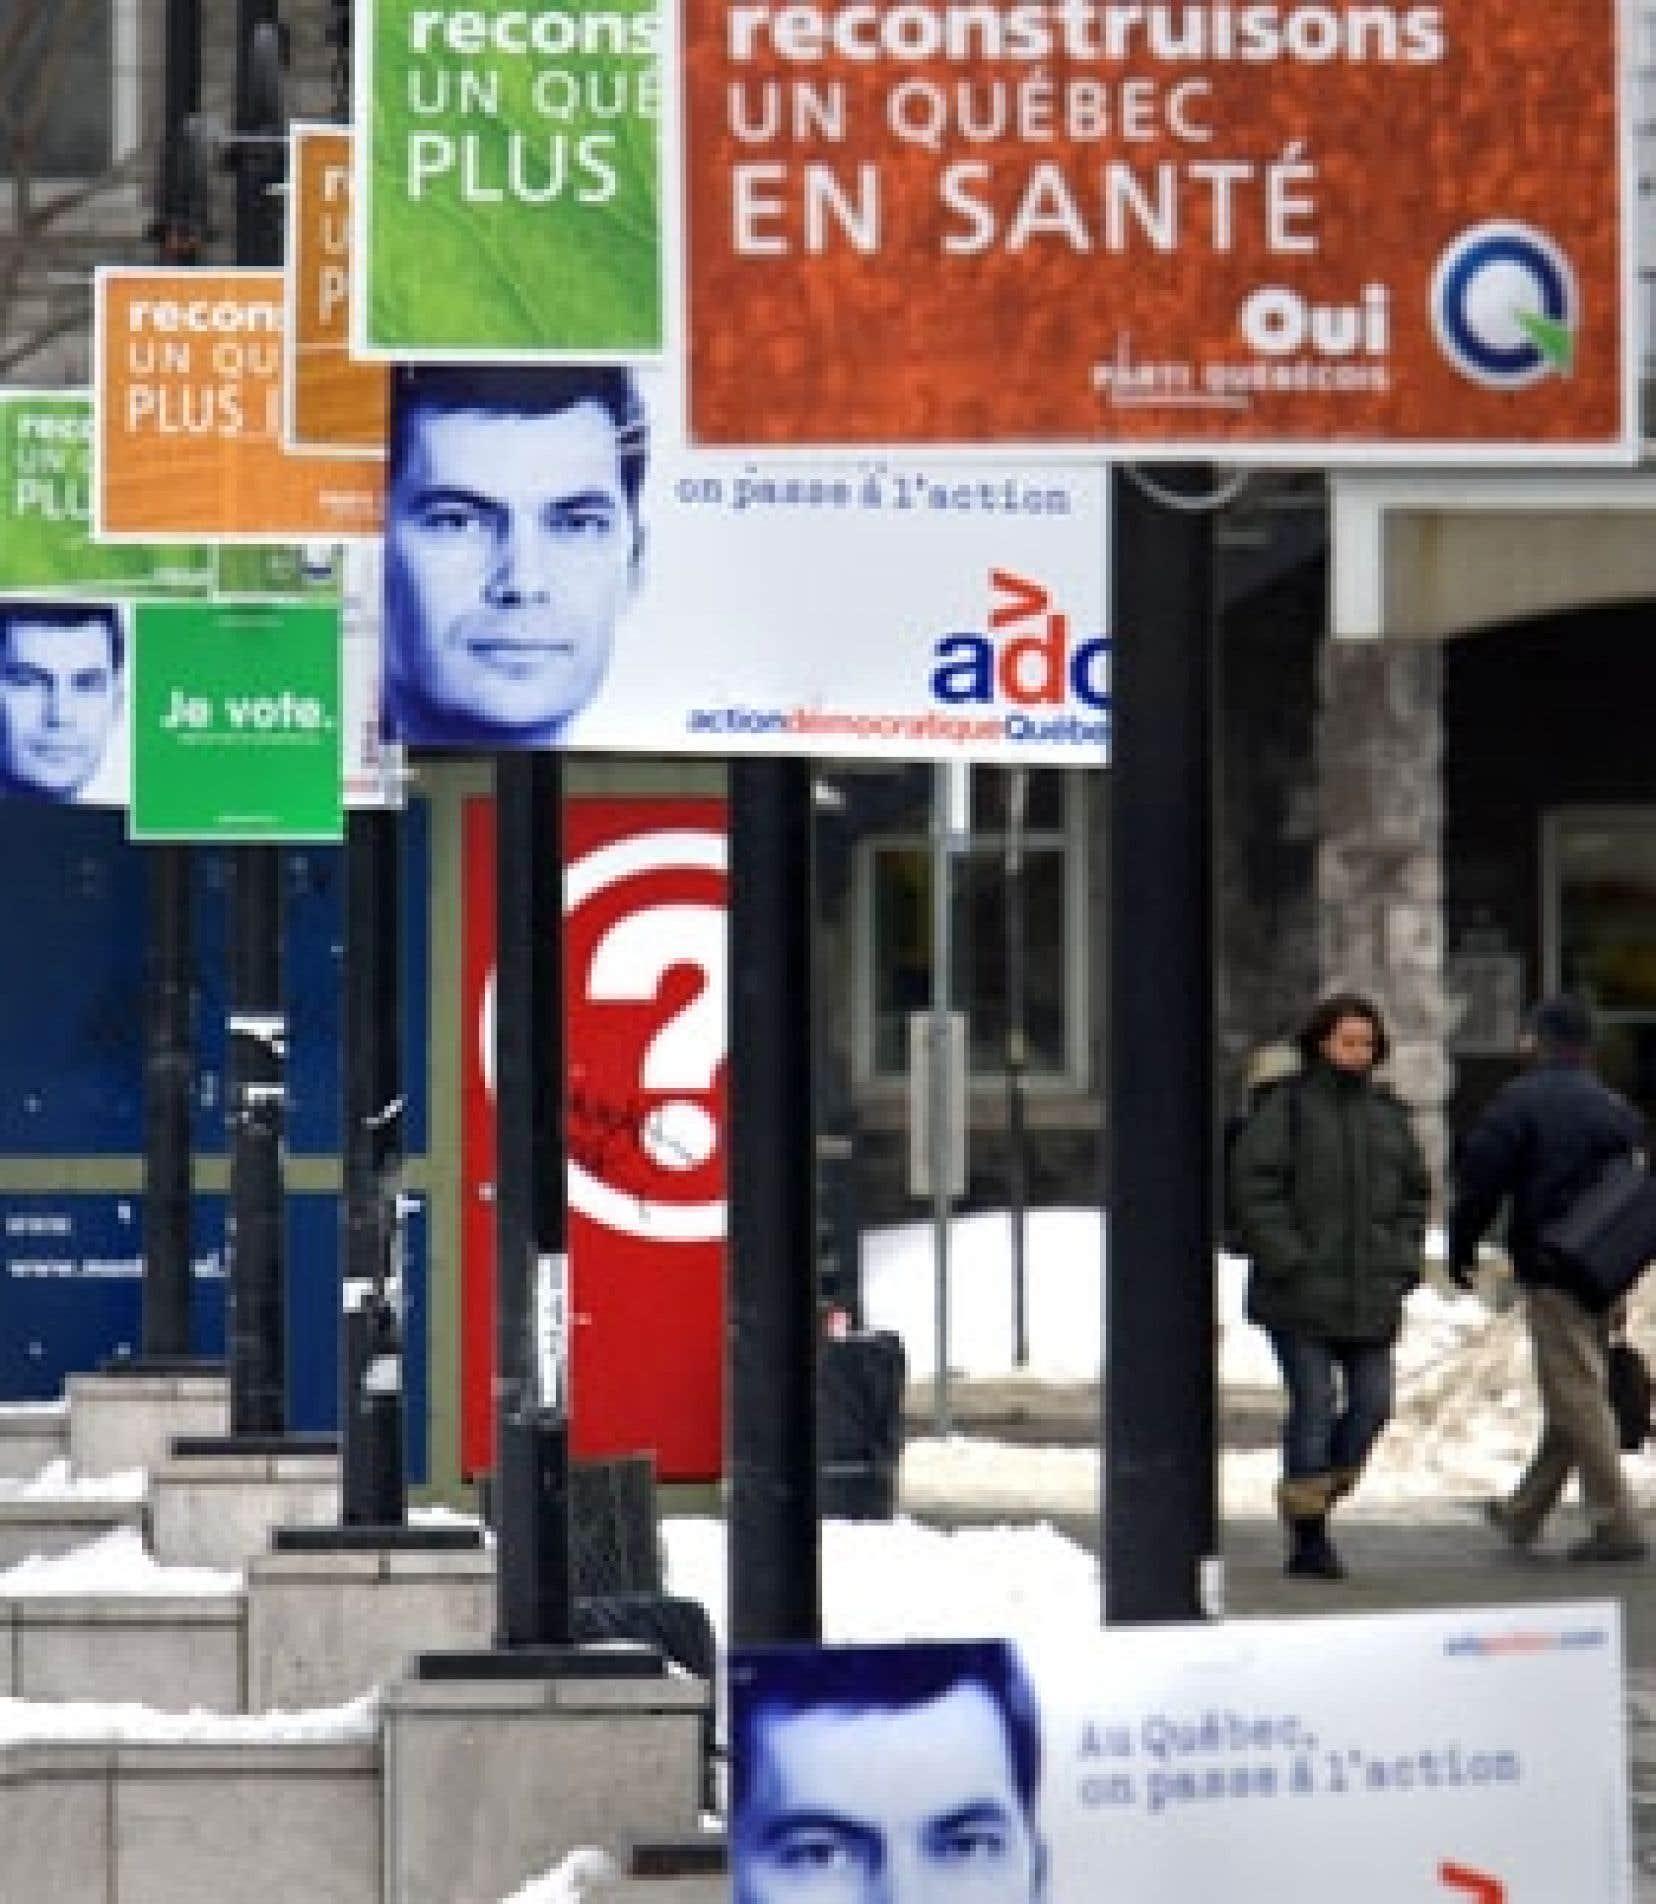 La livraison des pancartes des candidats locaux du Parti québécois s'est fait attendre dans bon nombre de circonscriptions, tant et si bien que plusieurs équipes de bénévoles mobilisées pour l'installation des pancartes sont reparties bredouill